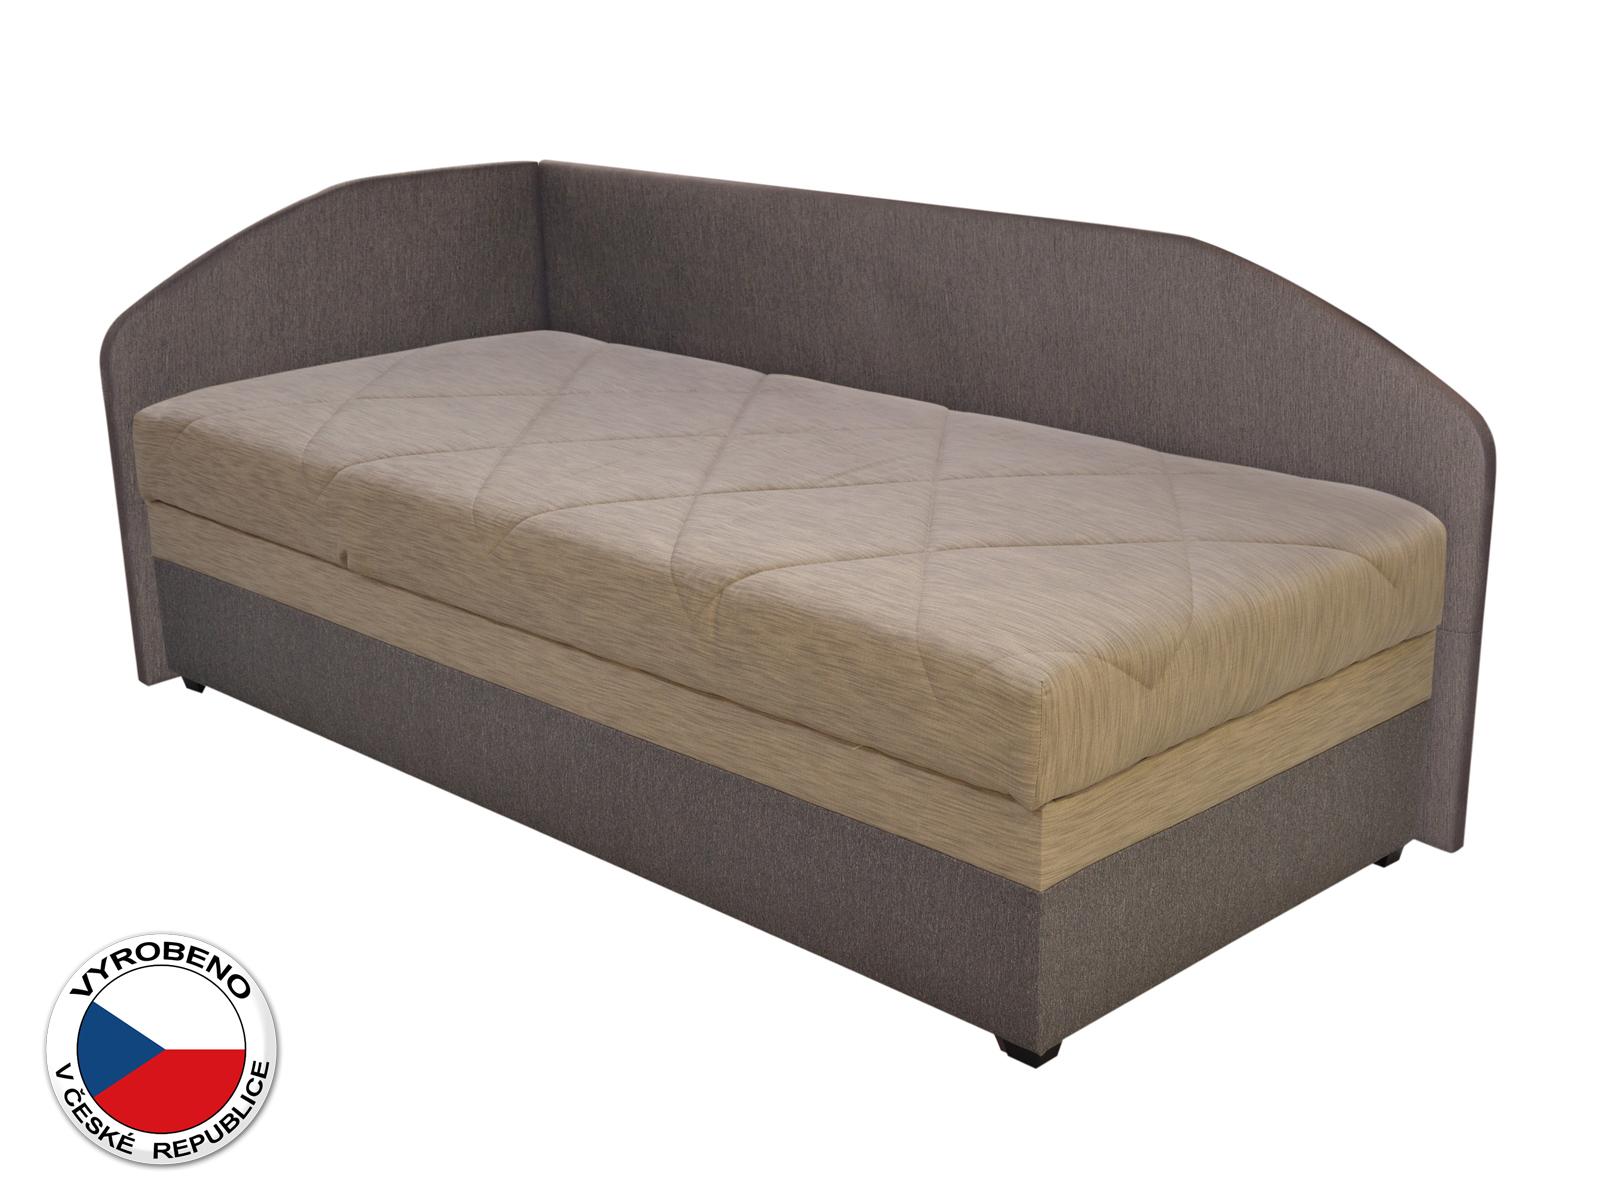 Jednolůžková postel (válenda) 90 cm - Blanár - Turi (béžová + hnědá) (s roštem a matrací) (L)